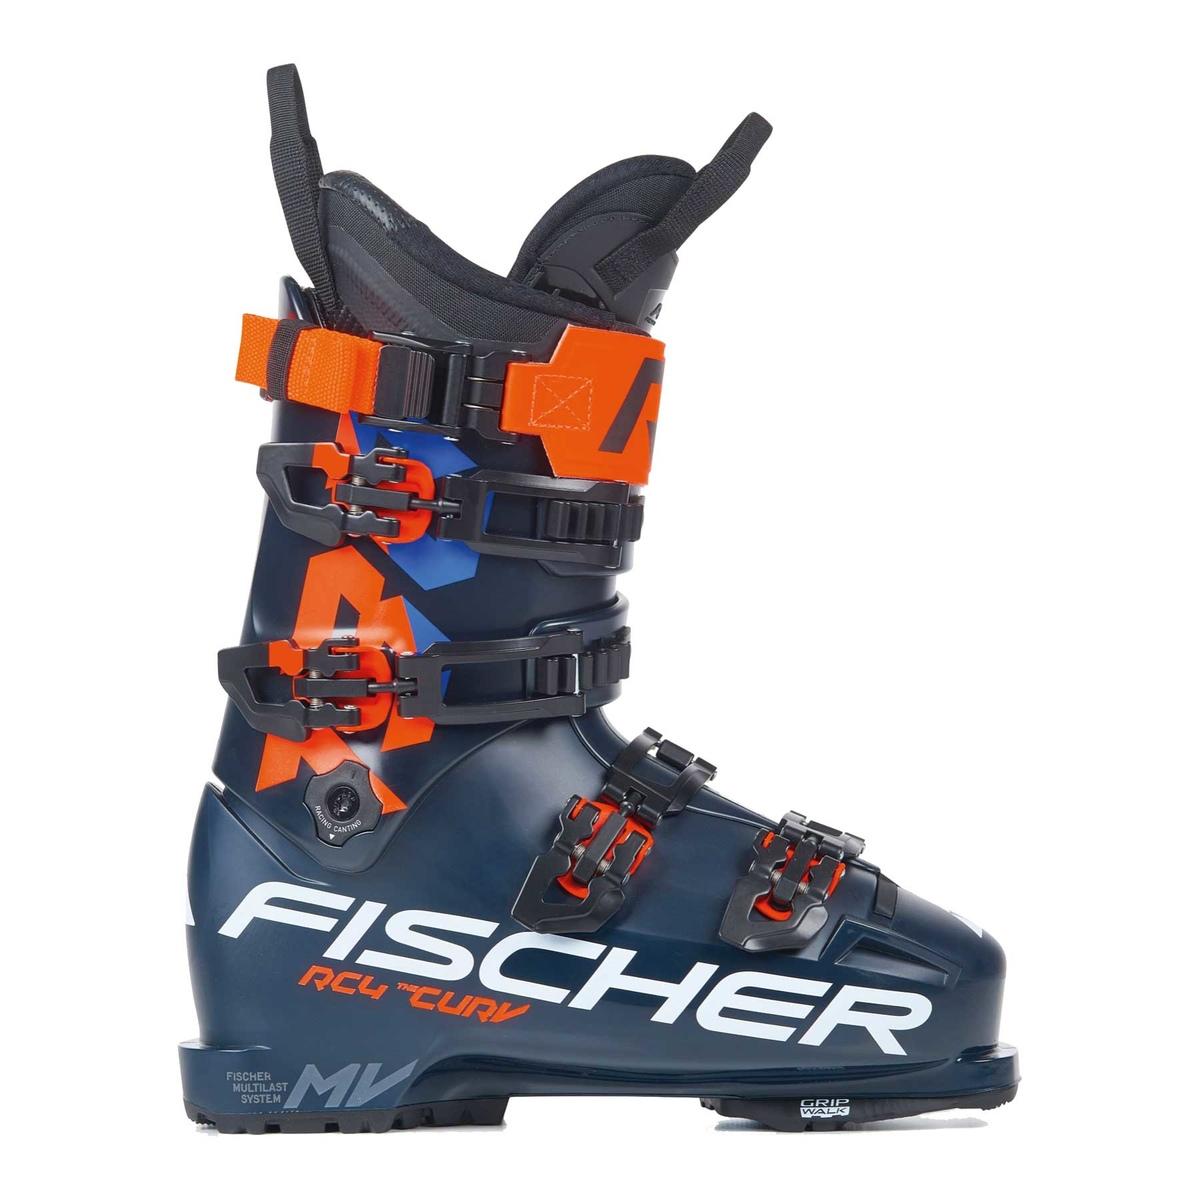 Prezzi Fischer rc4 the curv 130 vacuum walk